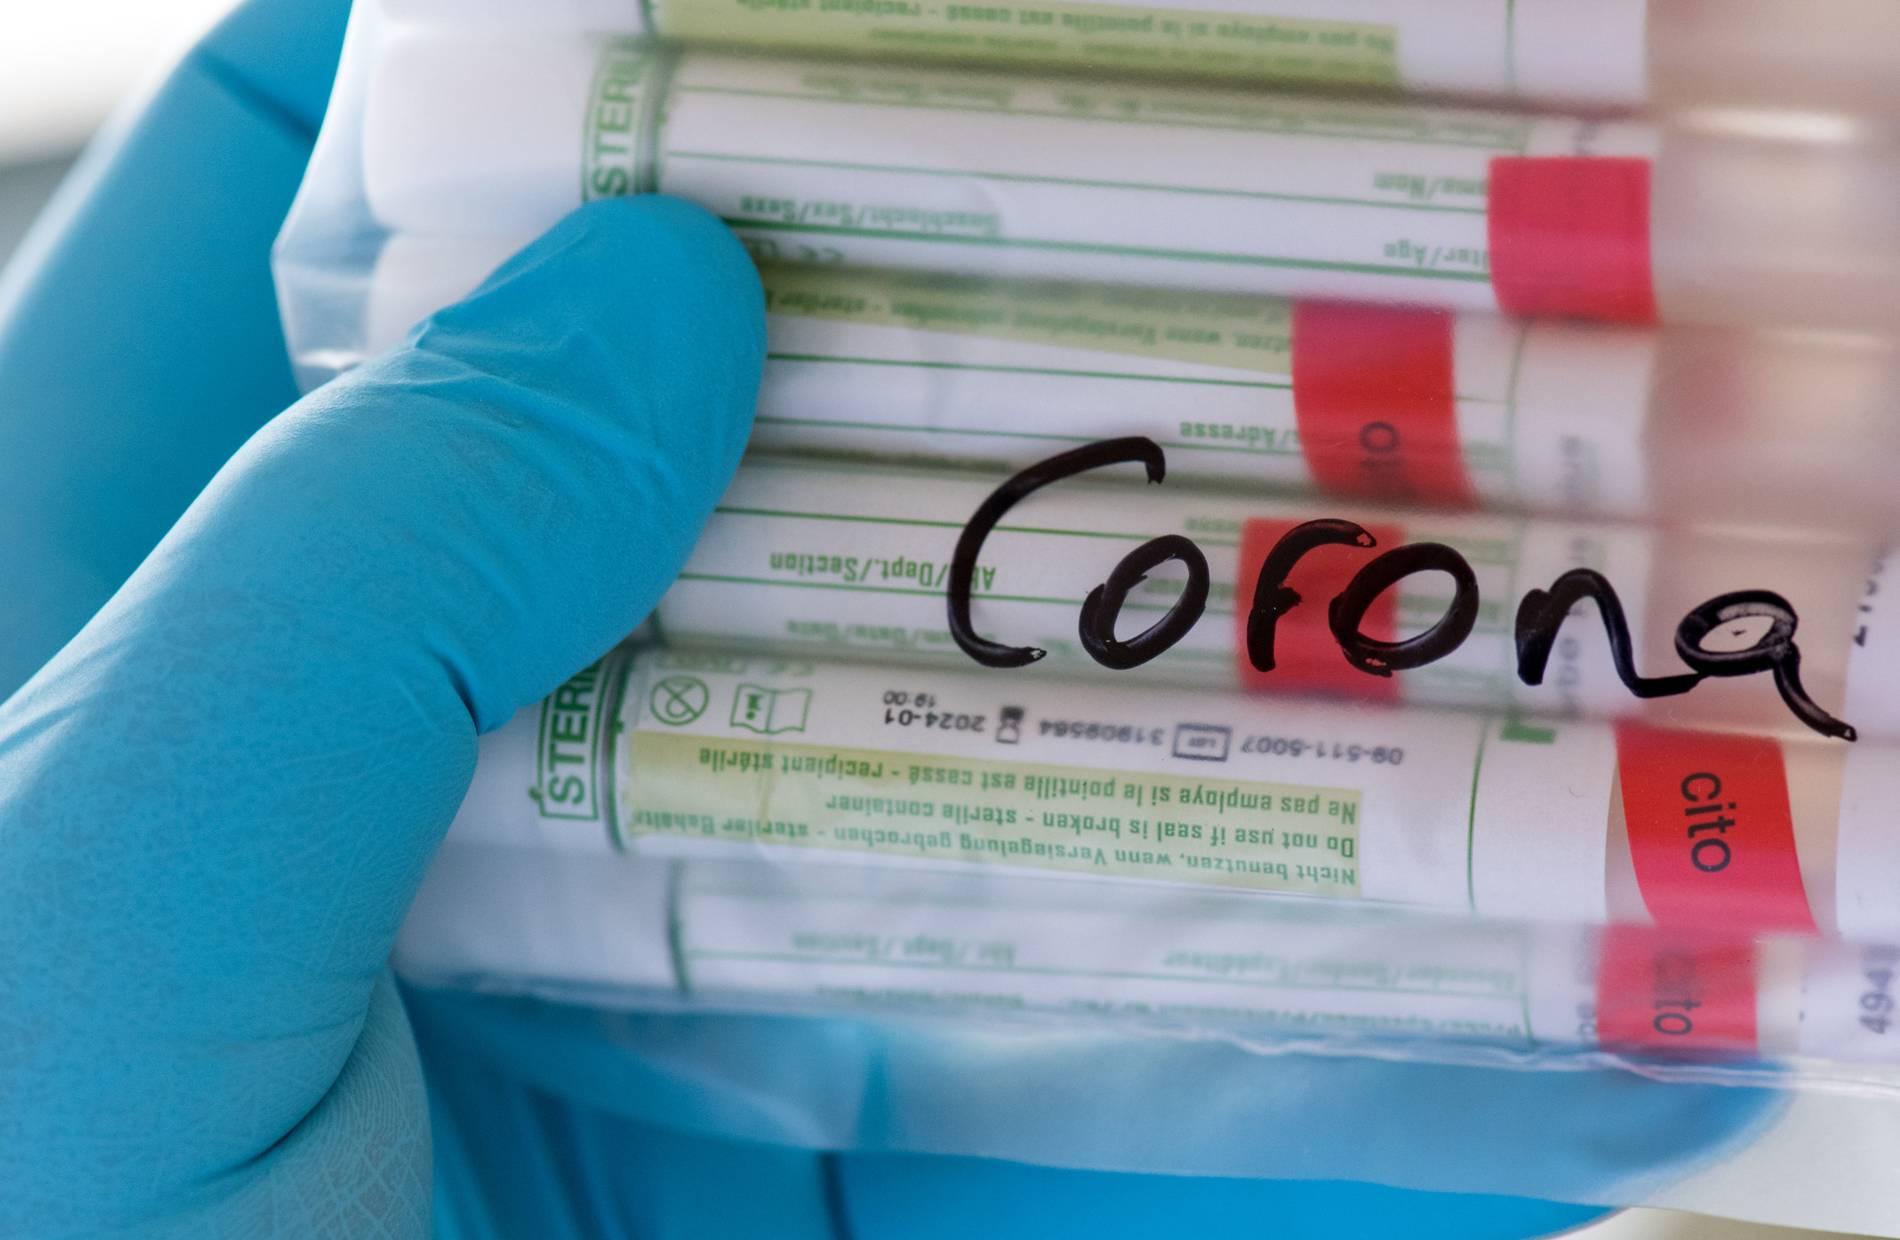 Flughafen prüft Details wegen Corona-Tests